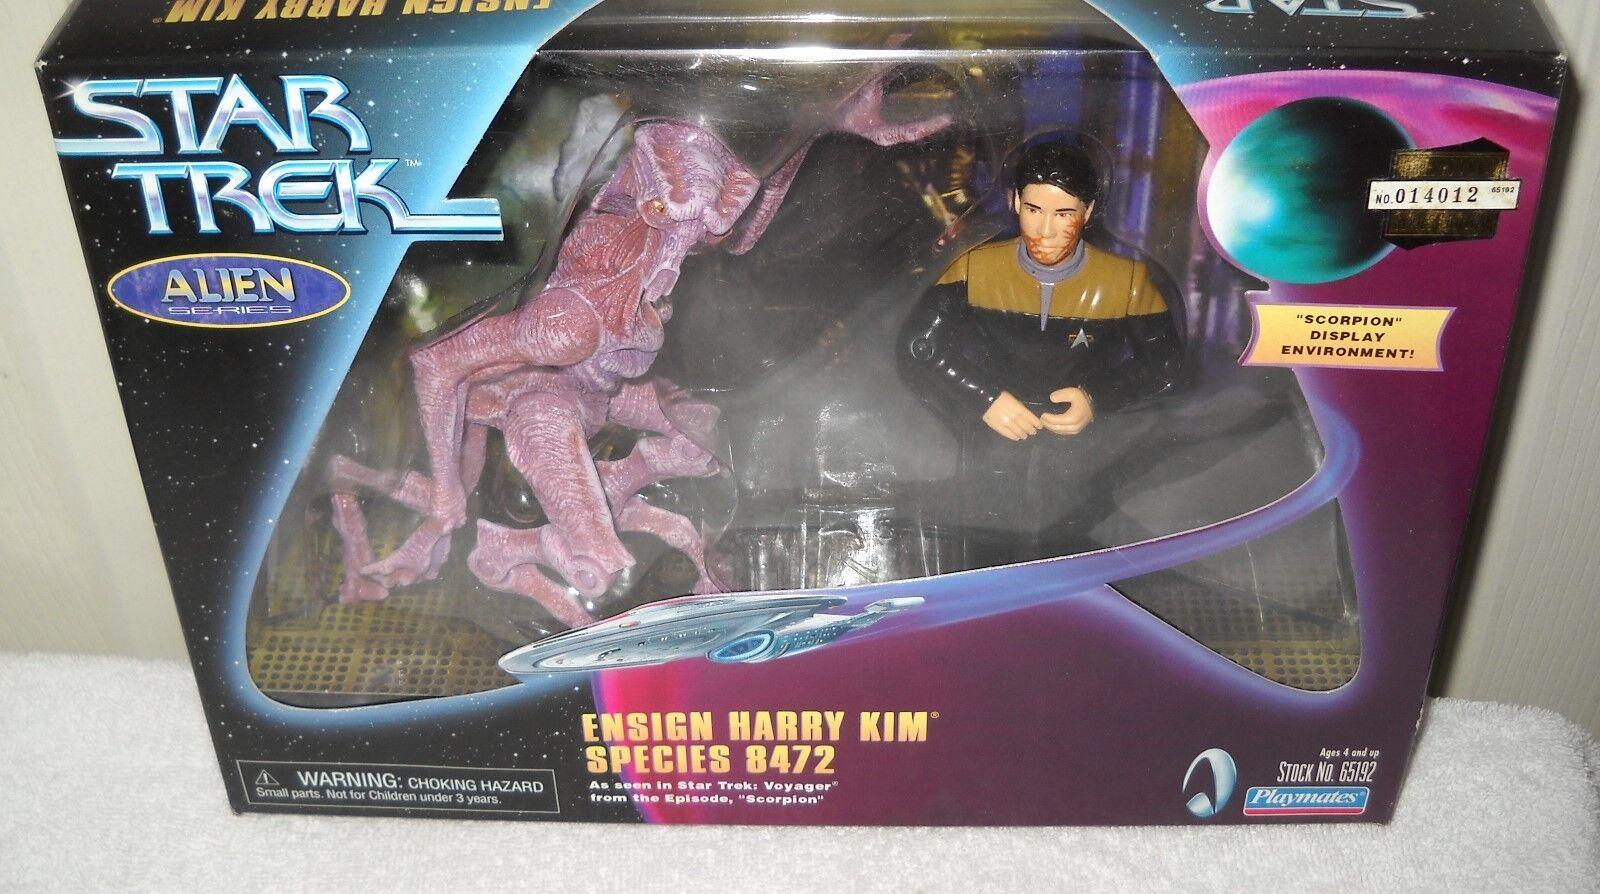 9673 Star Trek Alien Series Ensign Harry Kim, Species 8472, Collectors Series